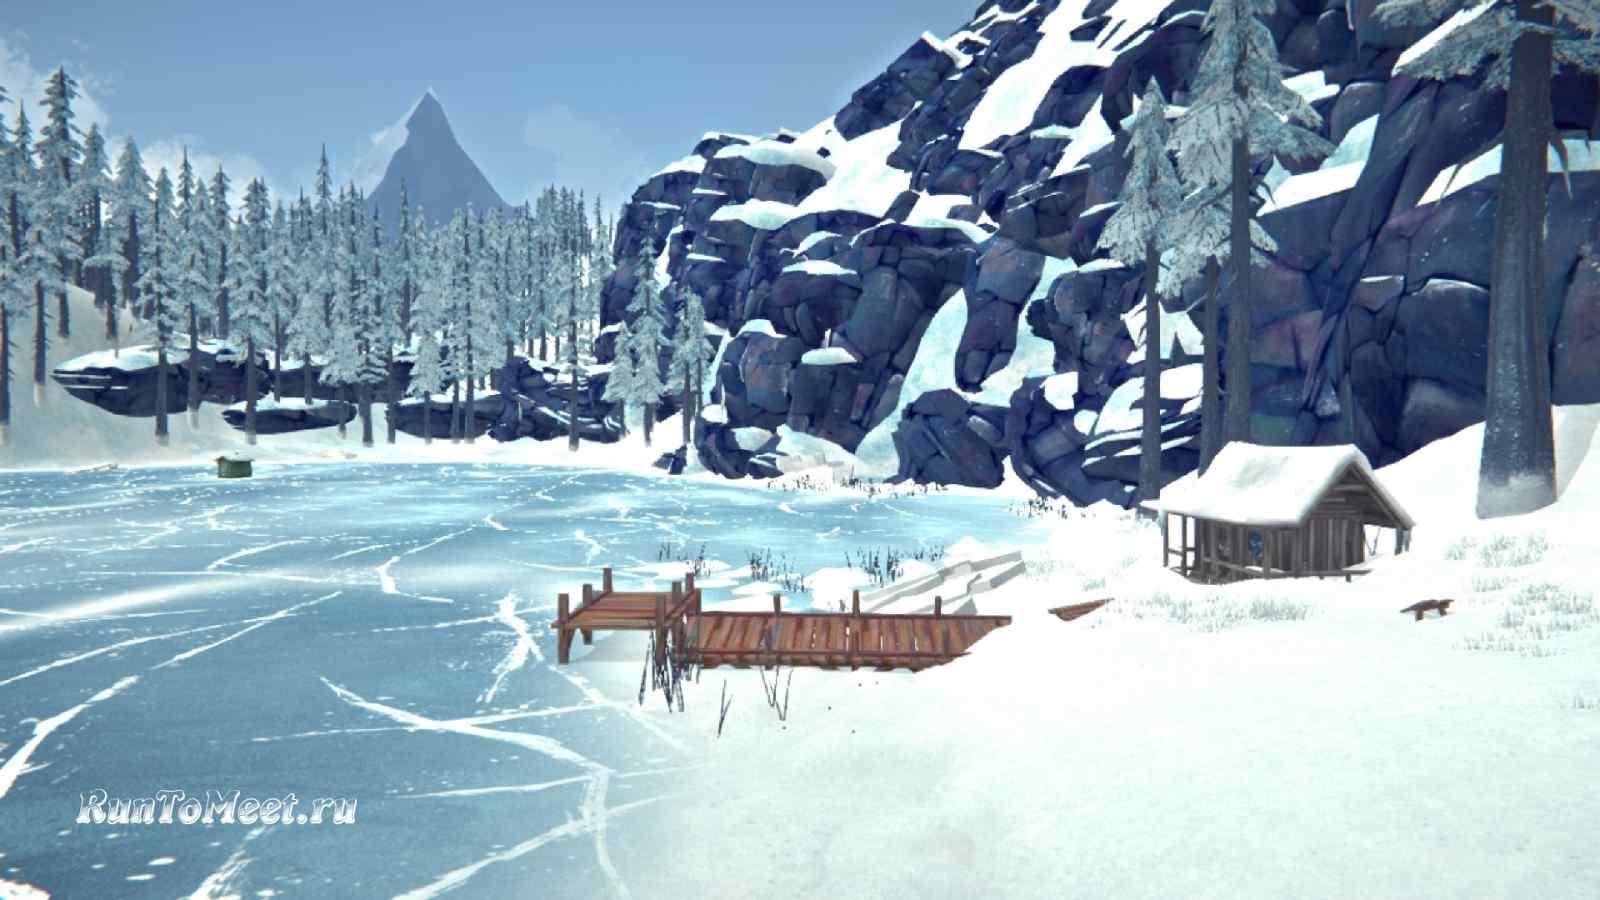 Одинокий домик, на берегу Загадочного озера, в игре The long dark